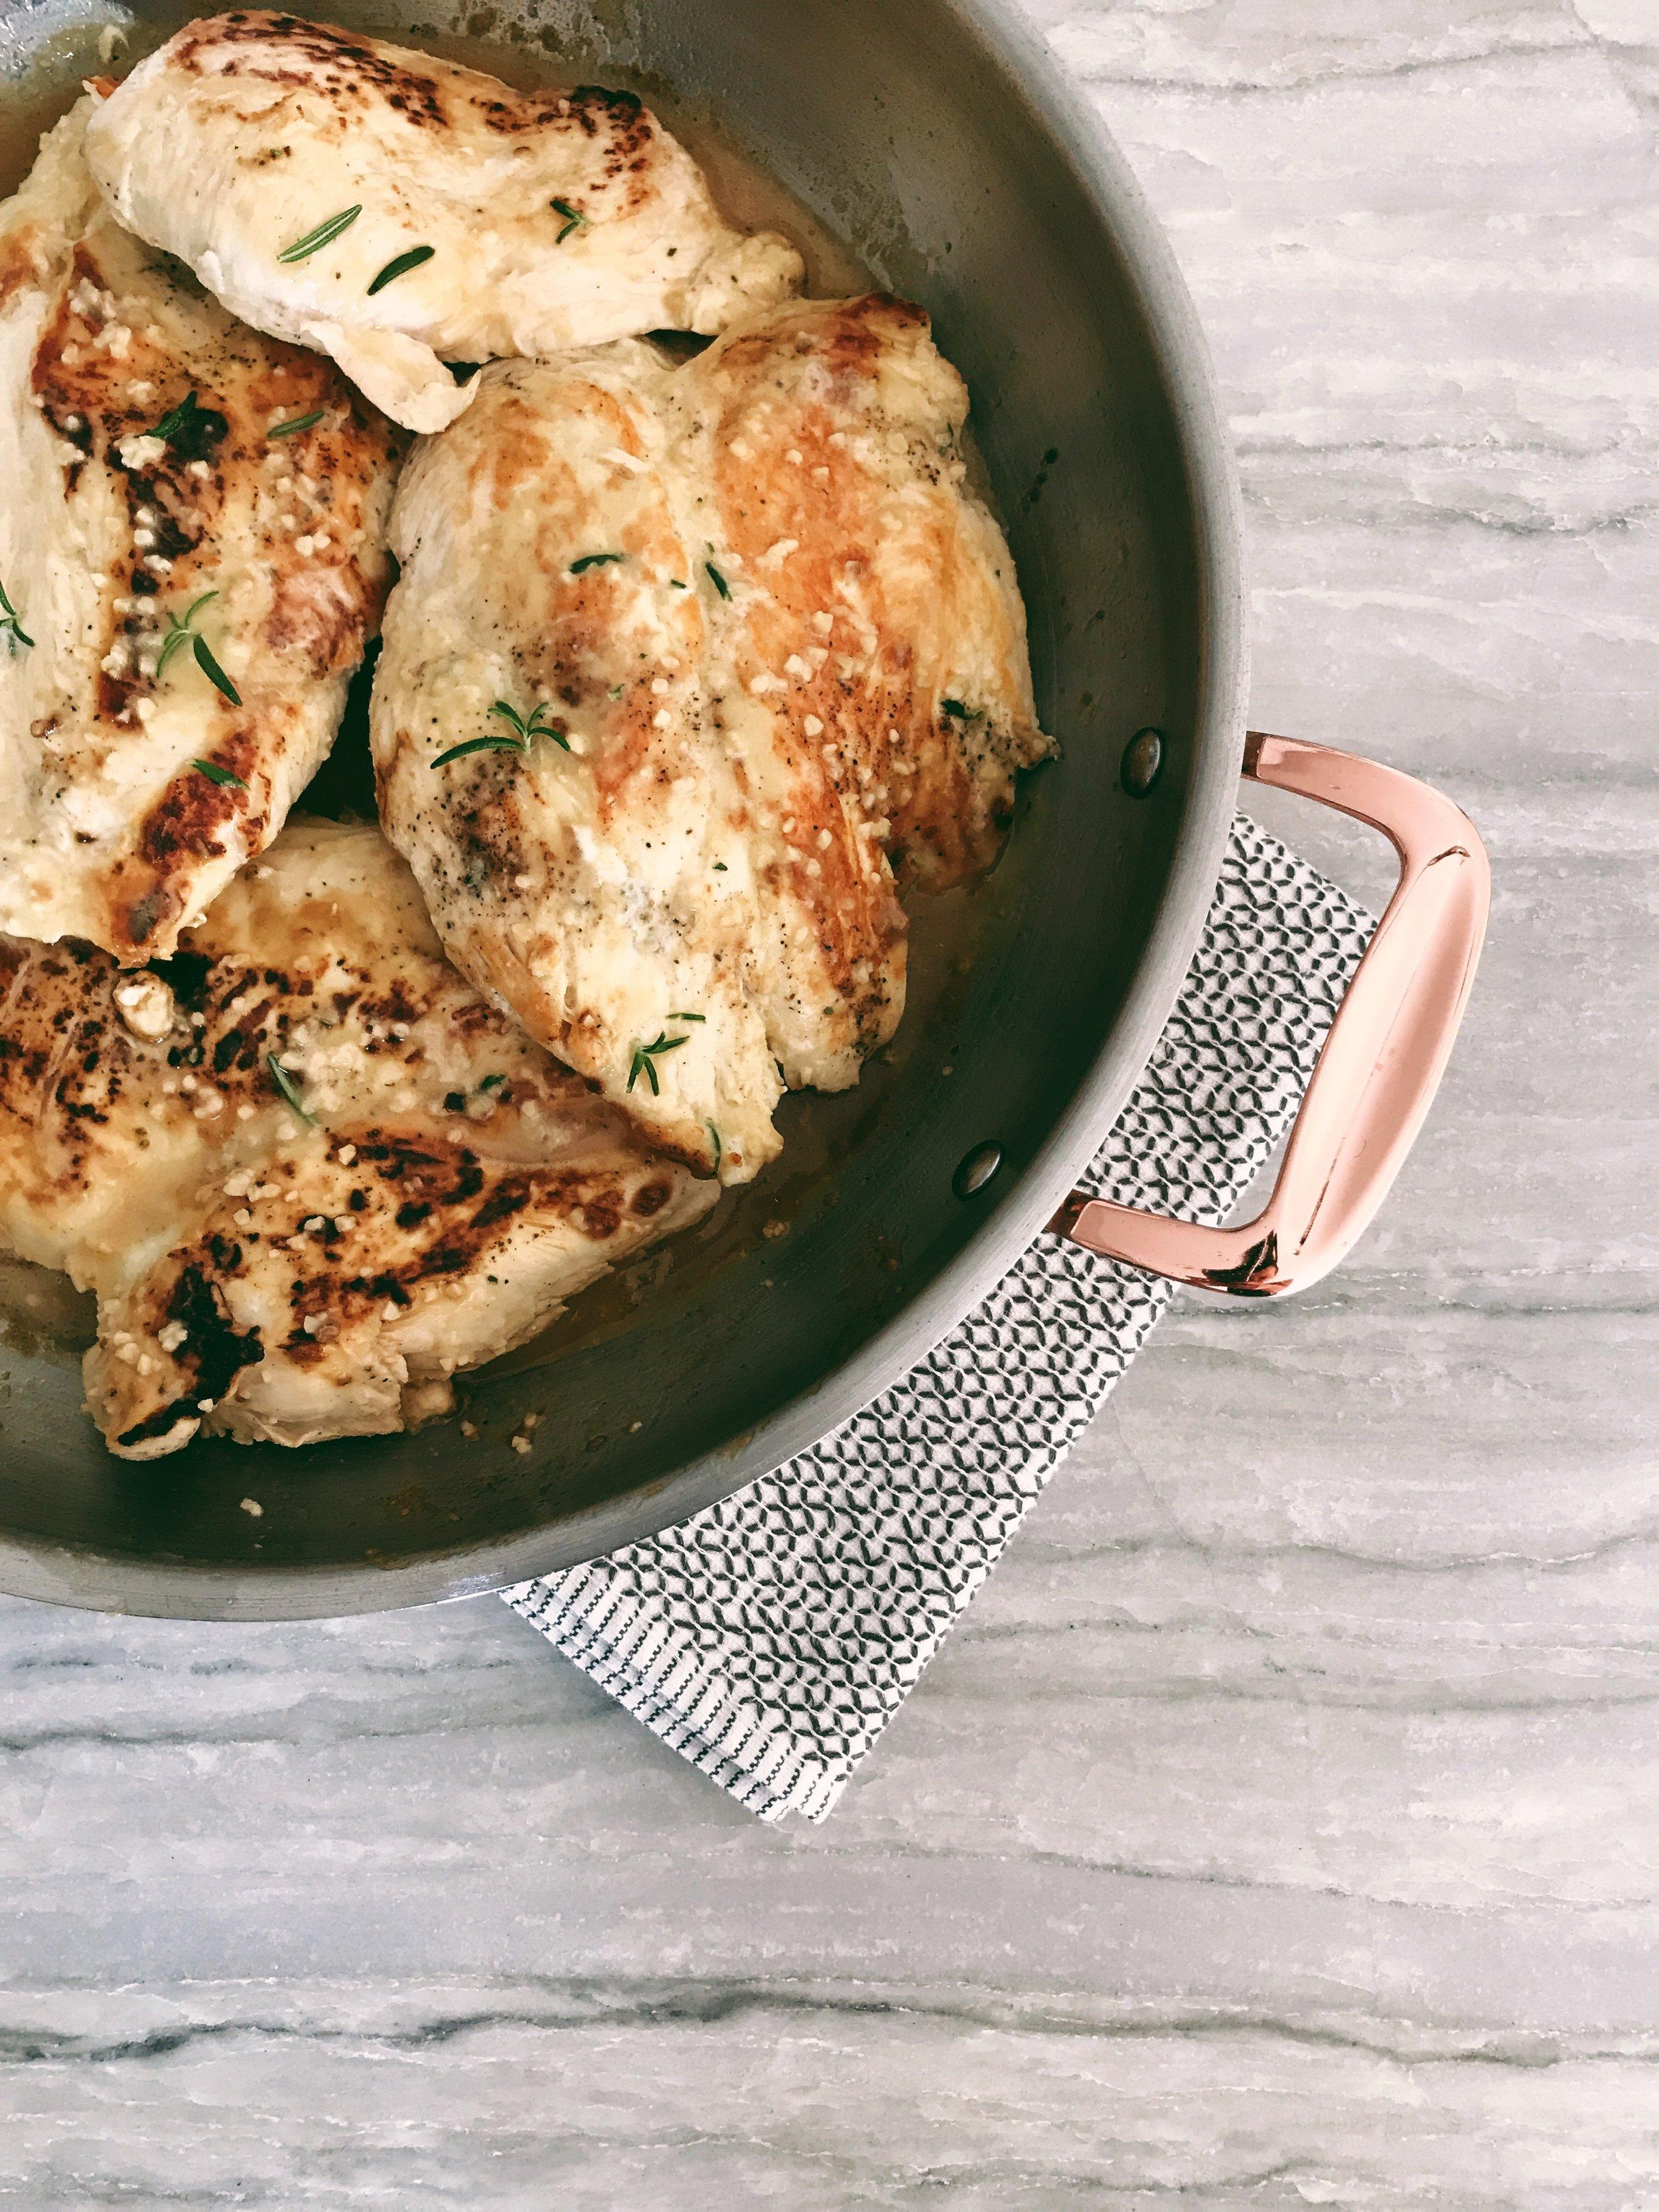 Honey Dijon Rosemary Chicken Recipe, with Apple Cider Vinegar and Garlic